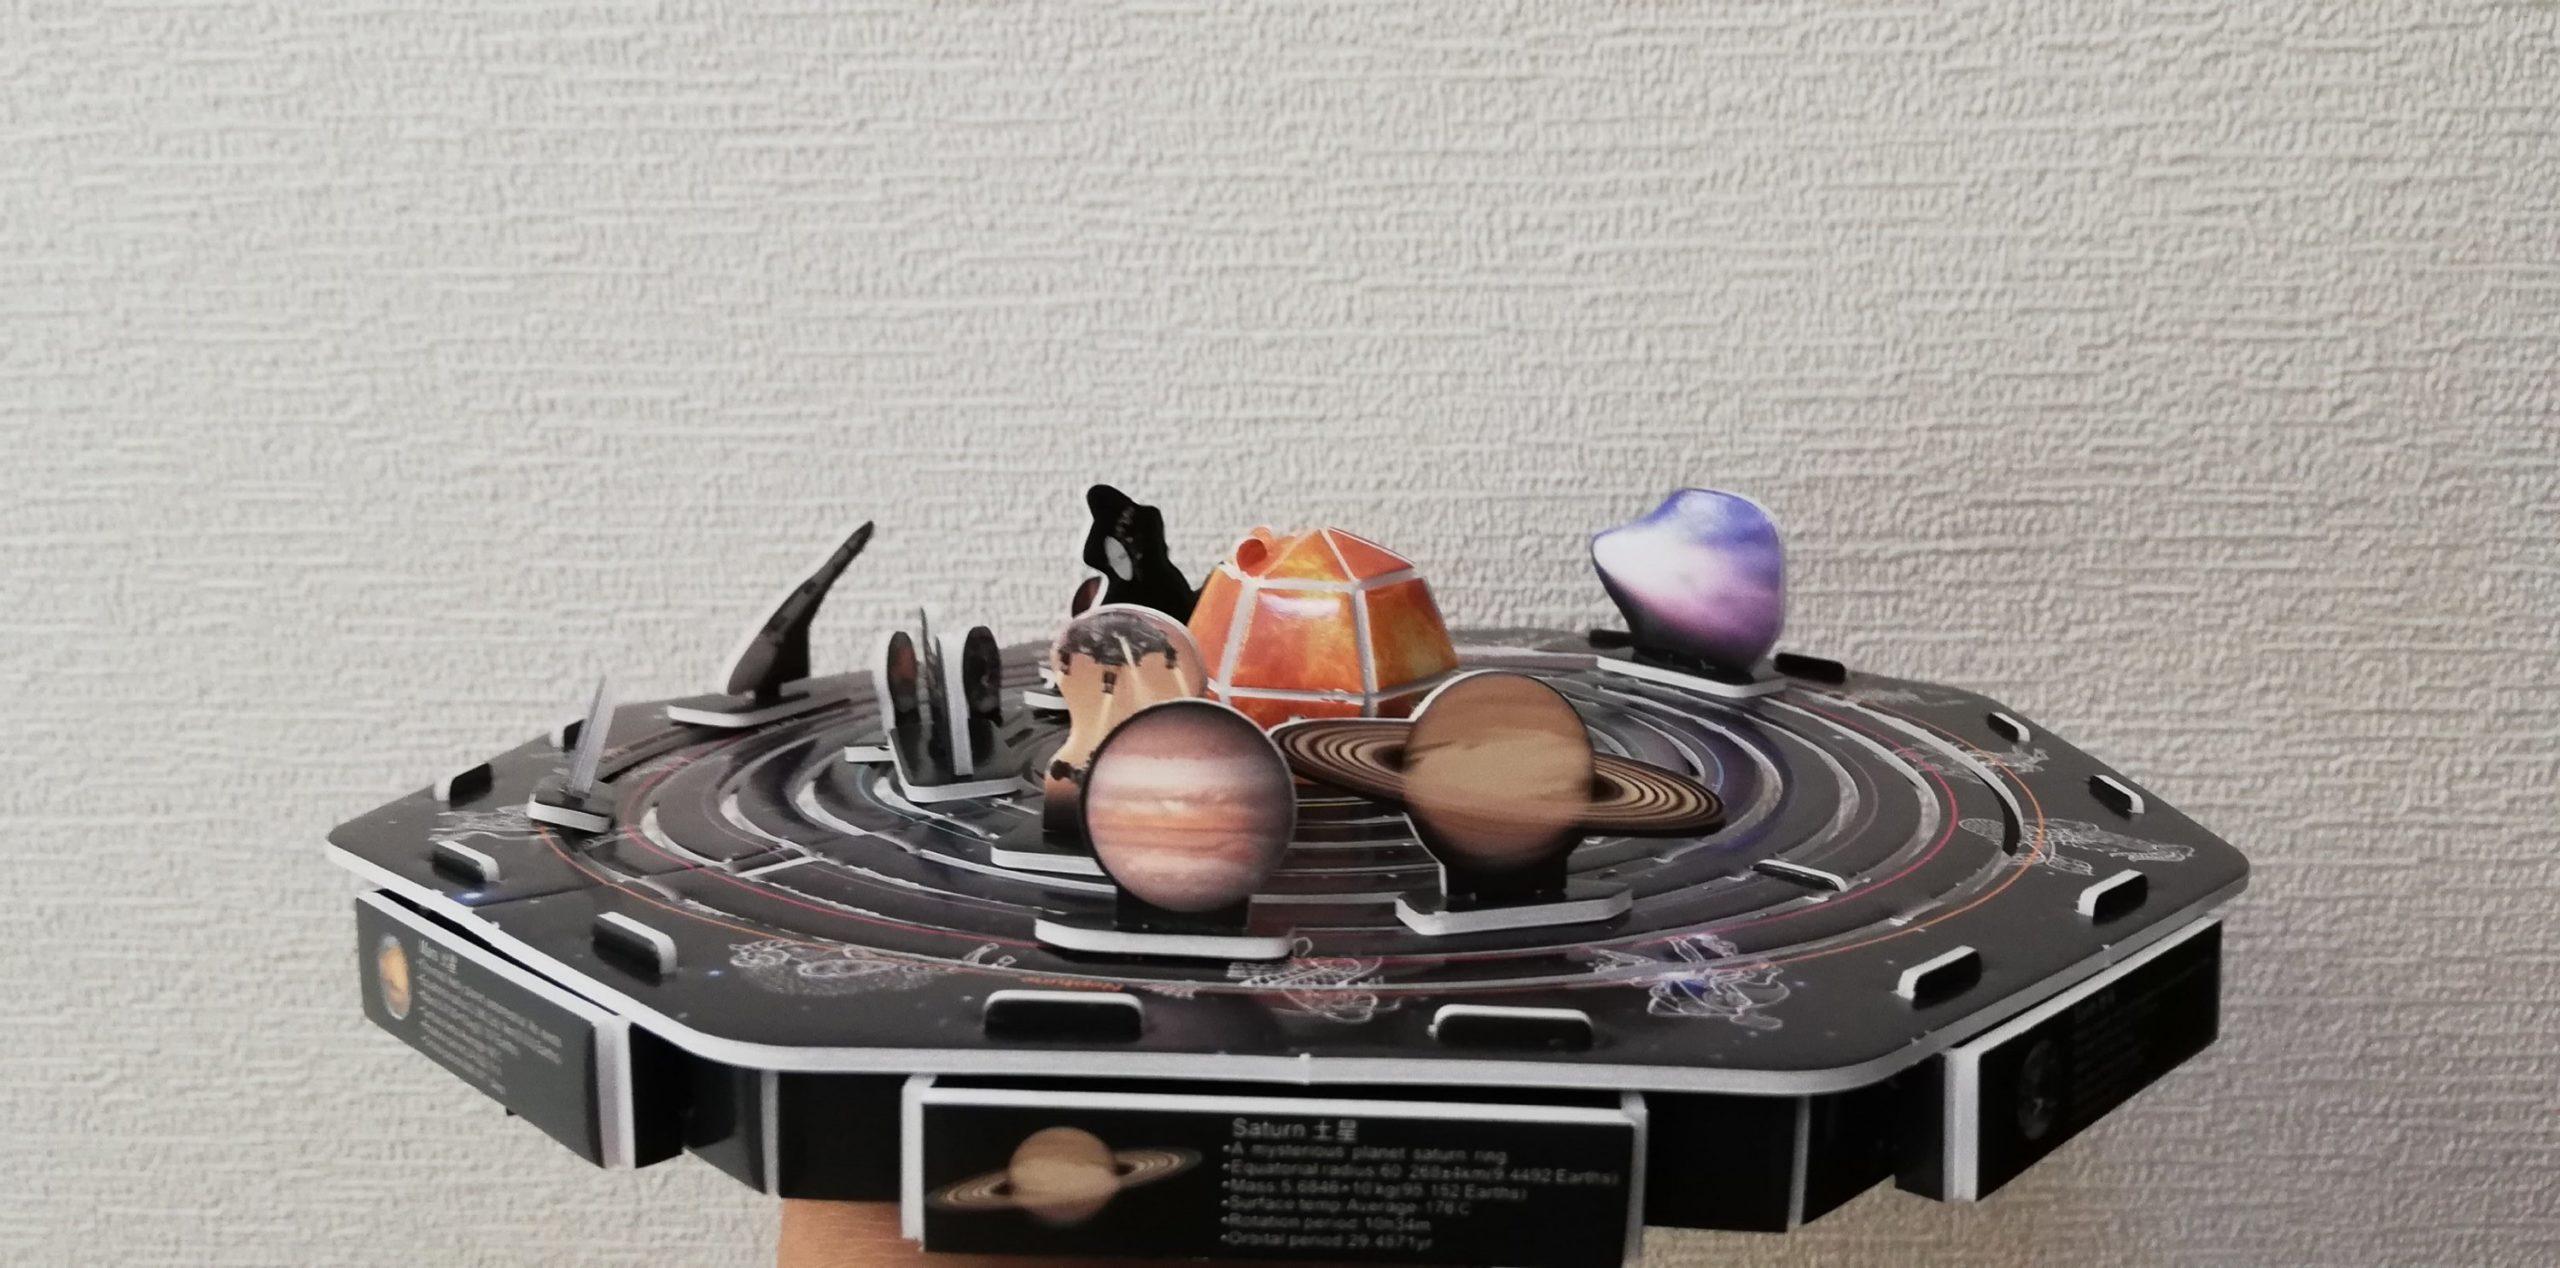 ダイソーの3Dパズル模型天体、宇宙、ロケット